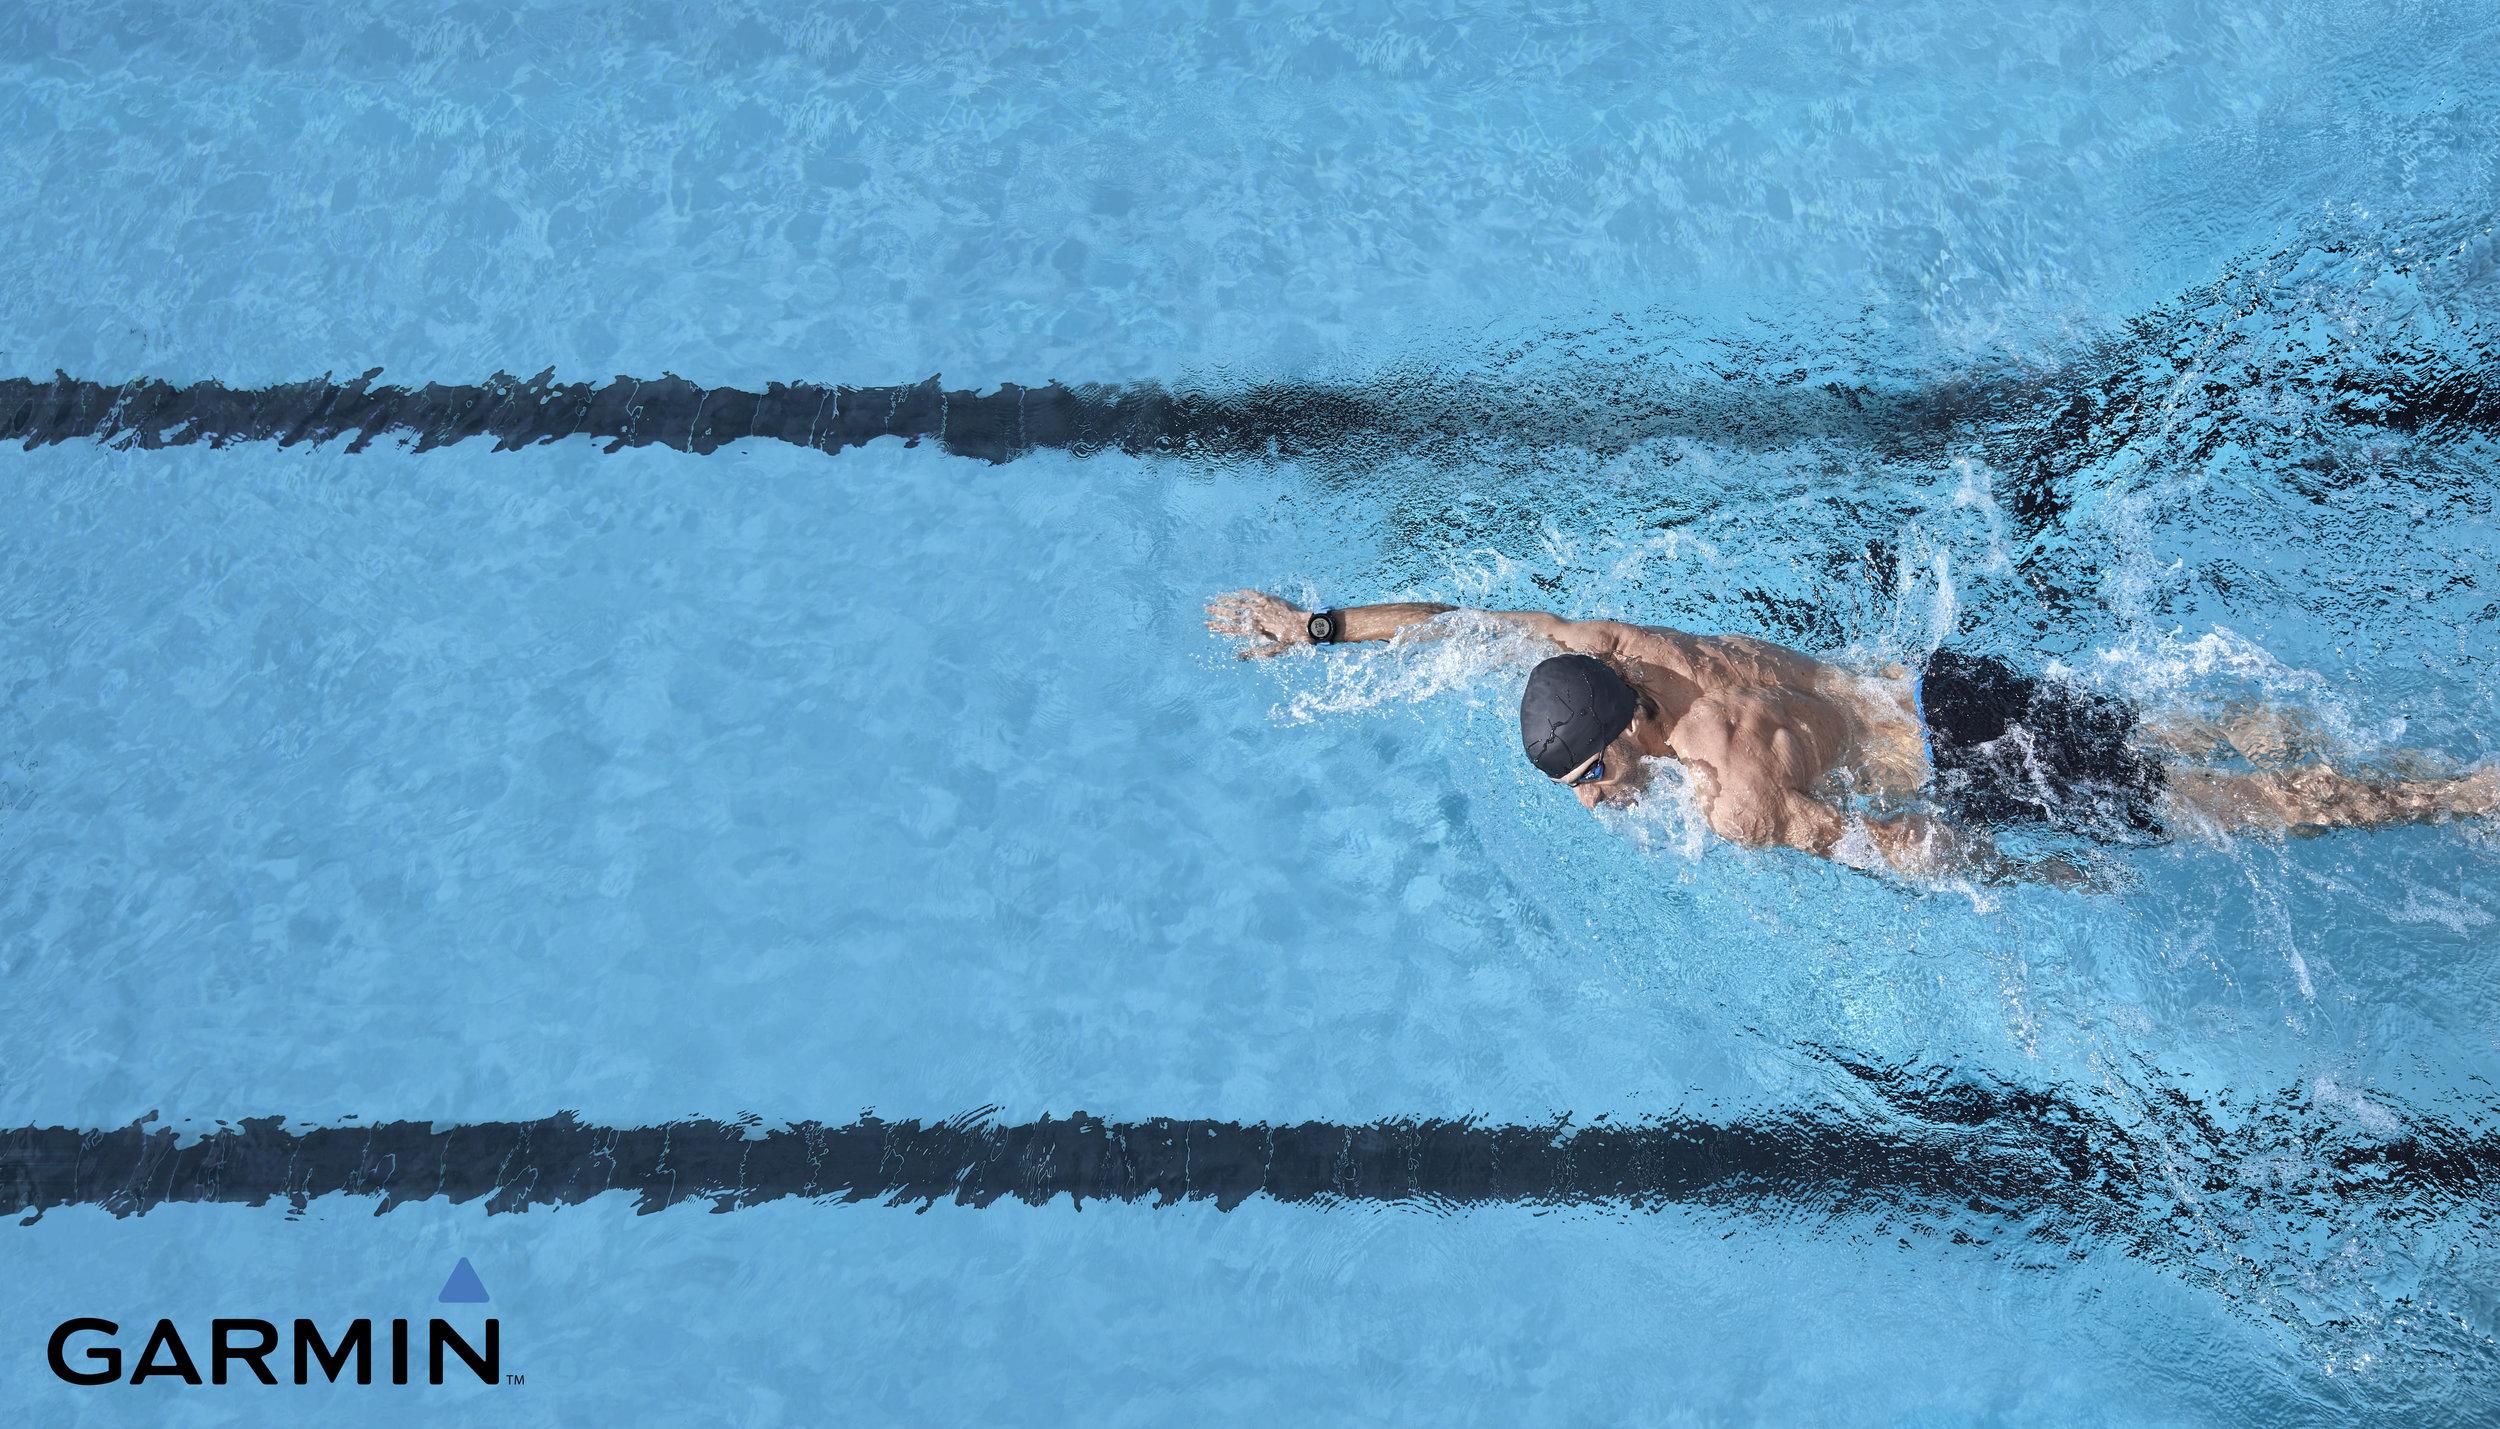 FR945_Pool01_0066-Final.jpg